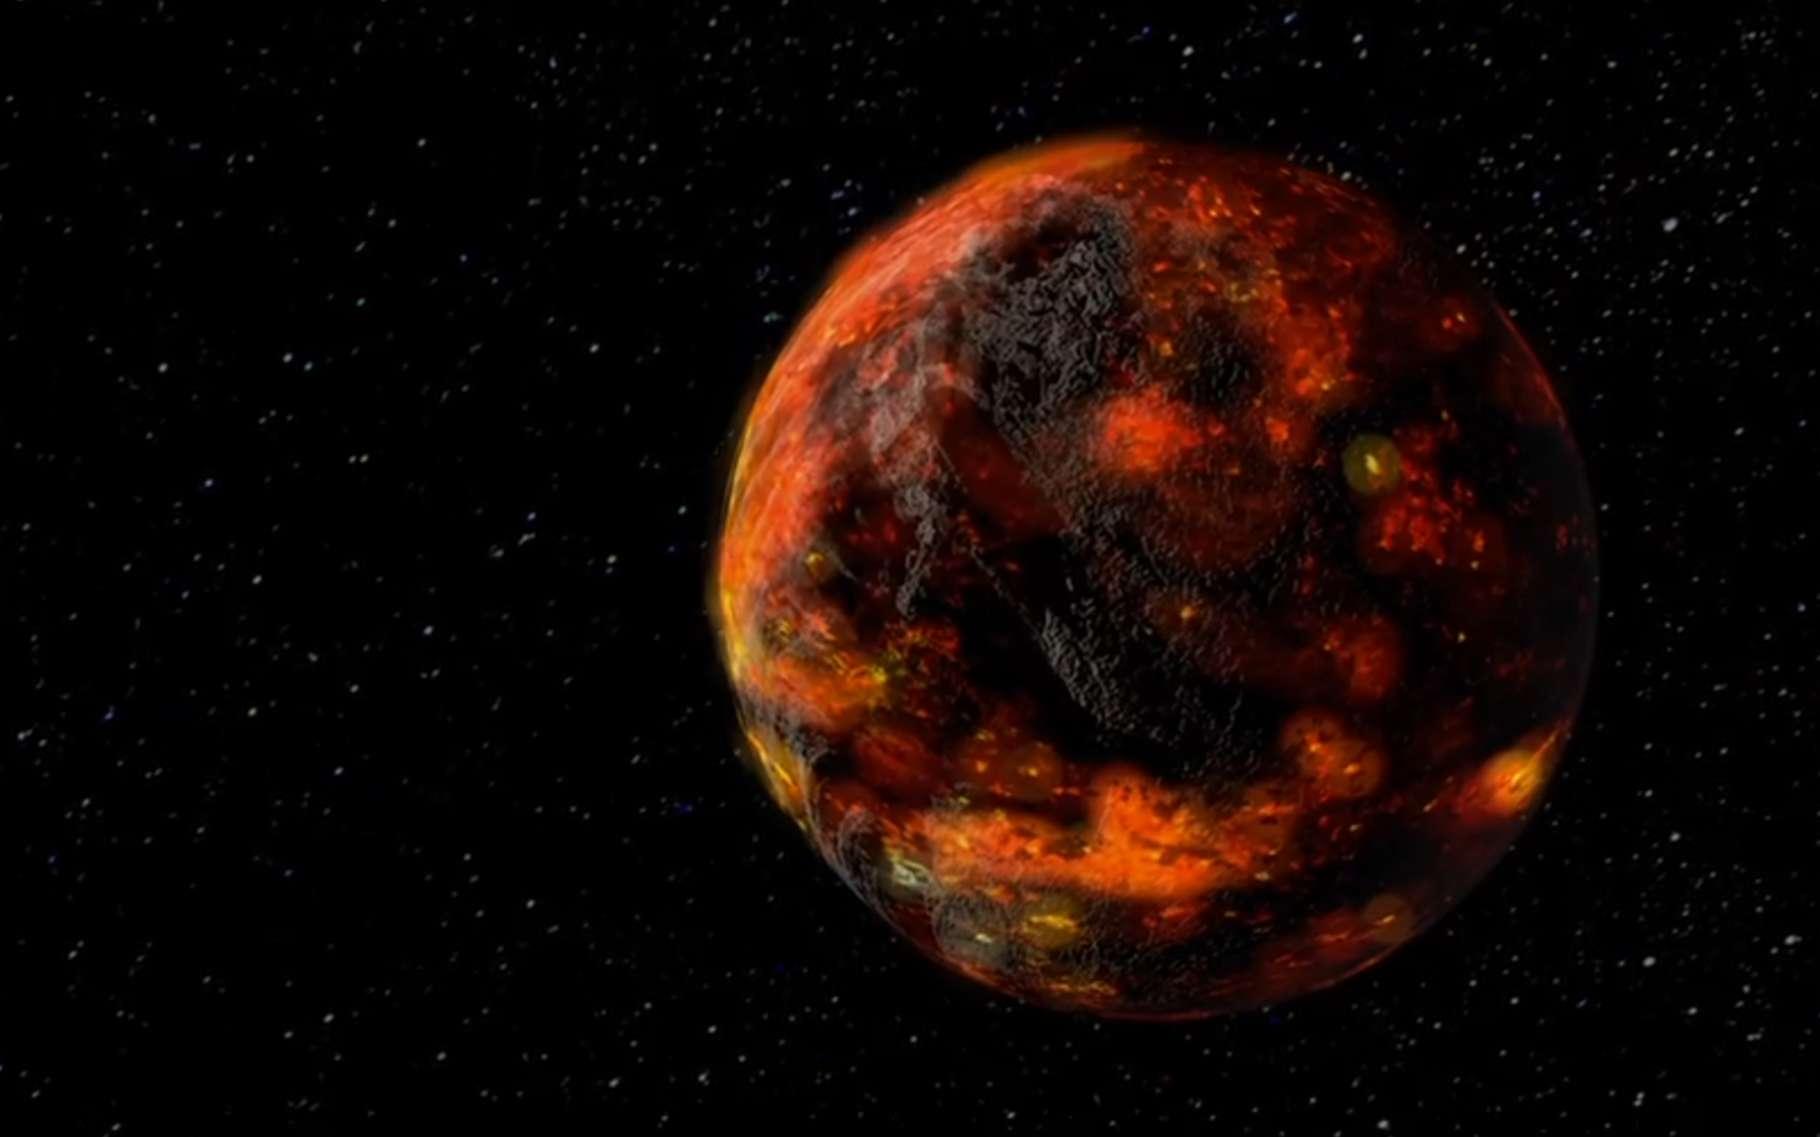 Au moment de sa formation, la Lune a été recouverte d'un océan de magma. Très vite, celui-ci a commencé à se solidifier, formant une croûte de surface. En dessous, le magma a mis près de 200 millions d'années à se solidifier totalement. Une observation qui a permis aux astronomes du Centre allemand pour l'aéronautique et l'astronautique (DLR) de déterminer l'âge de la Lune : environ 4,425 milliards d'années. © Goddard Space Flight Center, Nasa